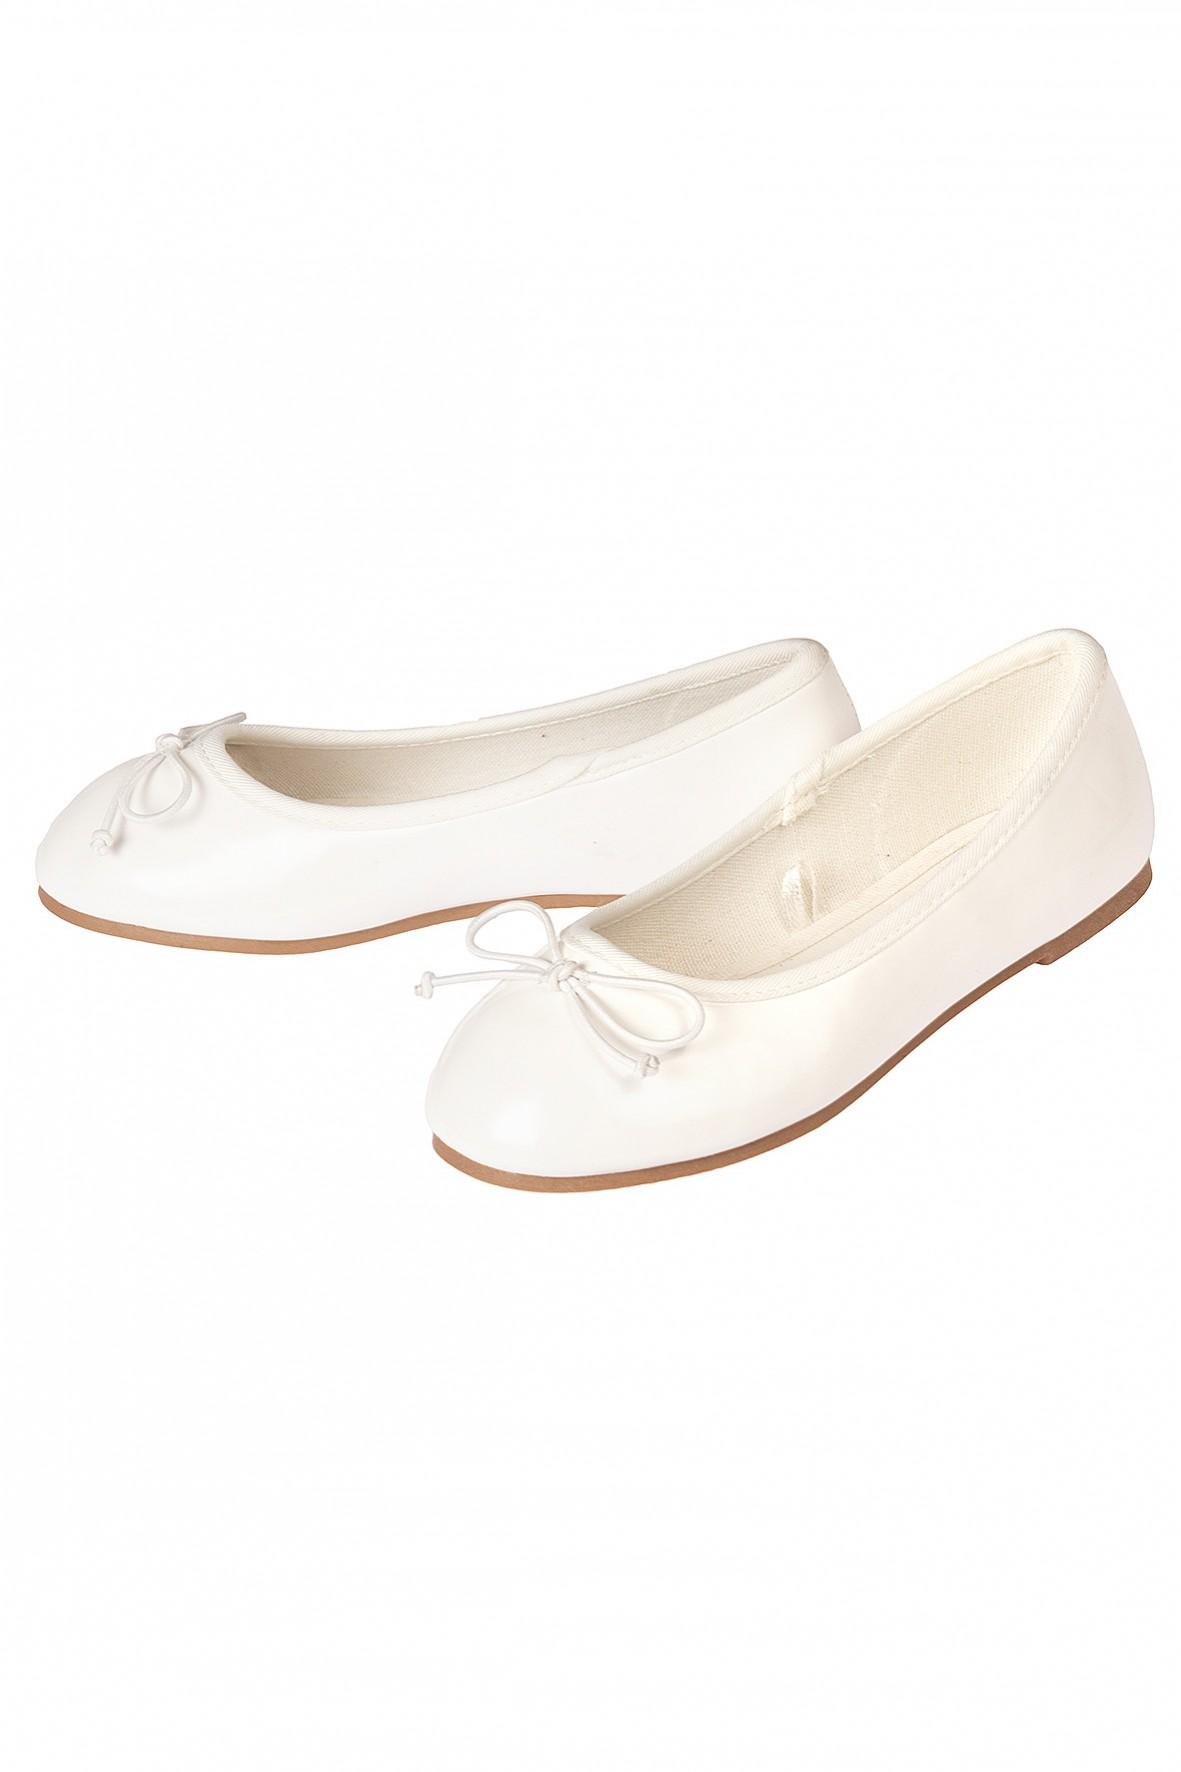 Baleriny dziewczęce białe-buty dla dziewczynki